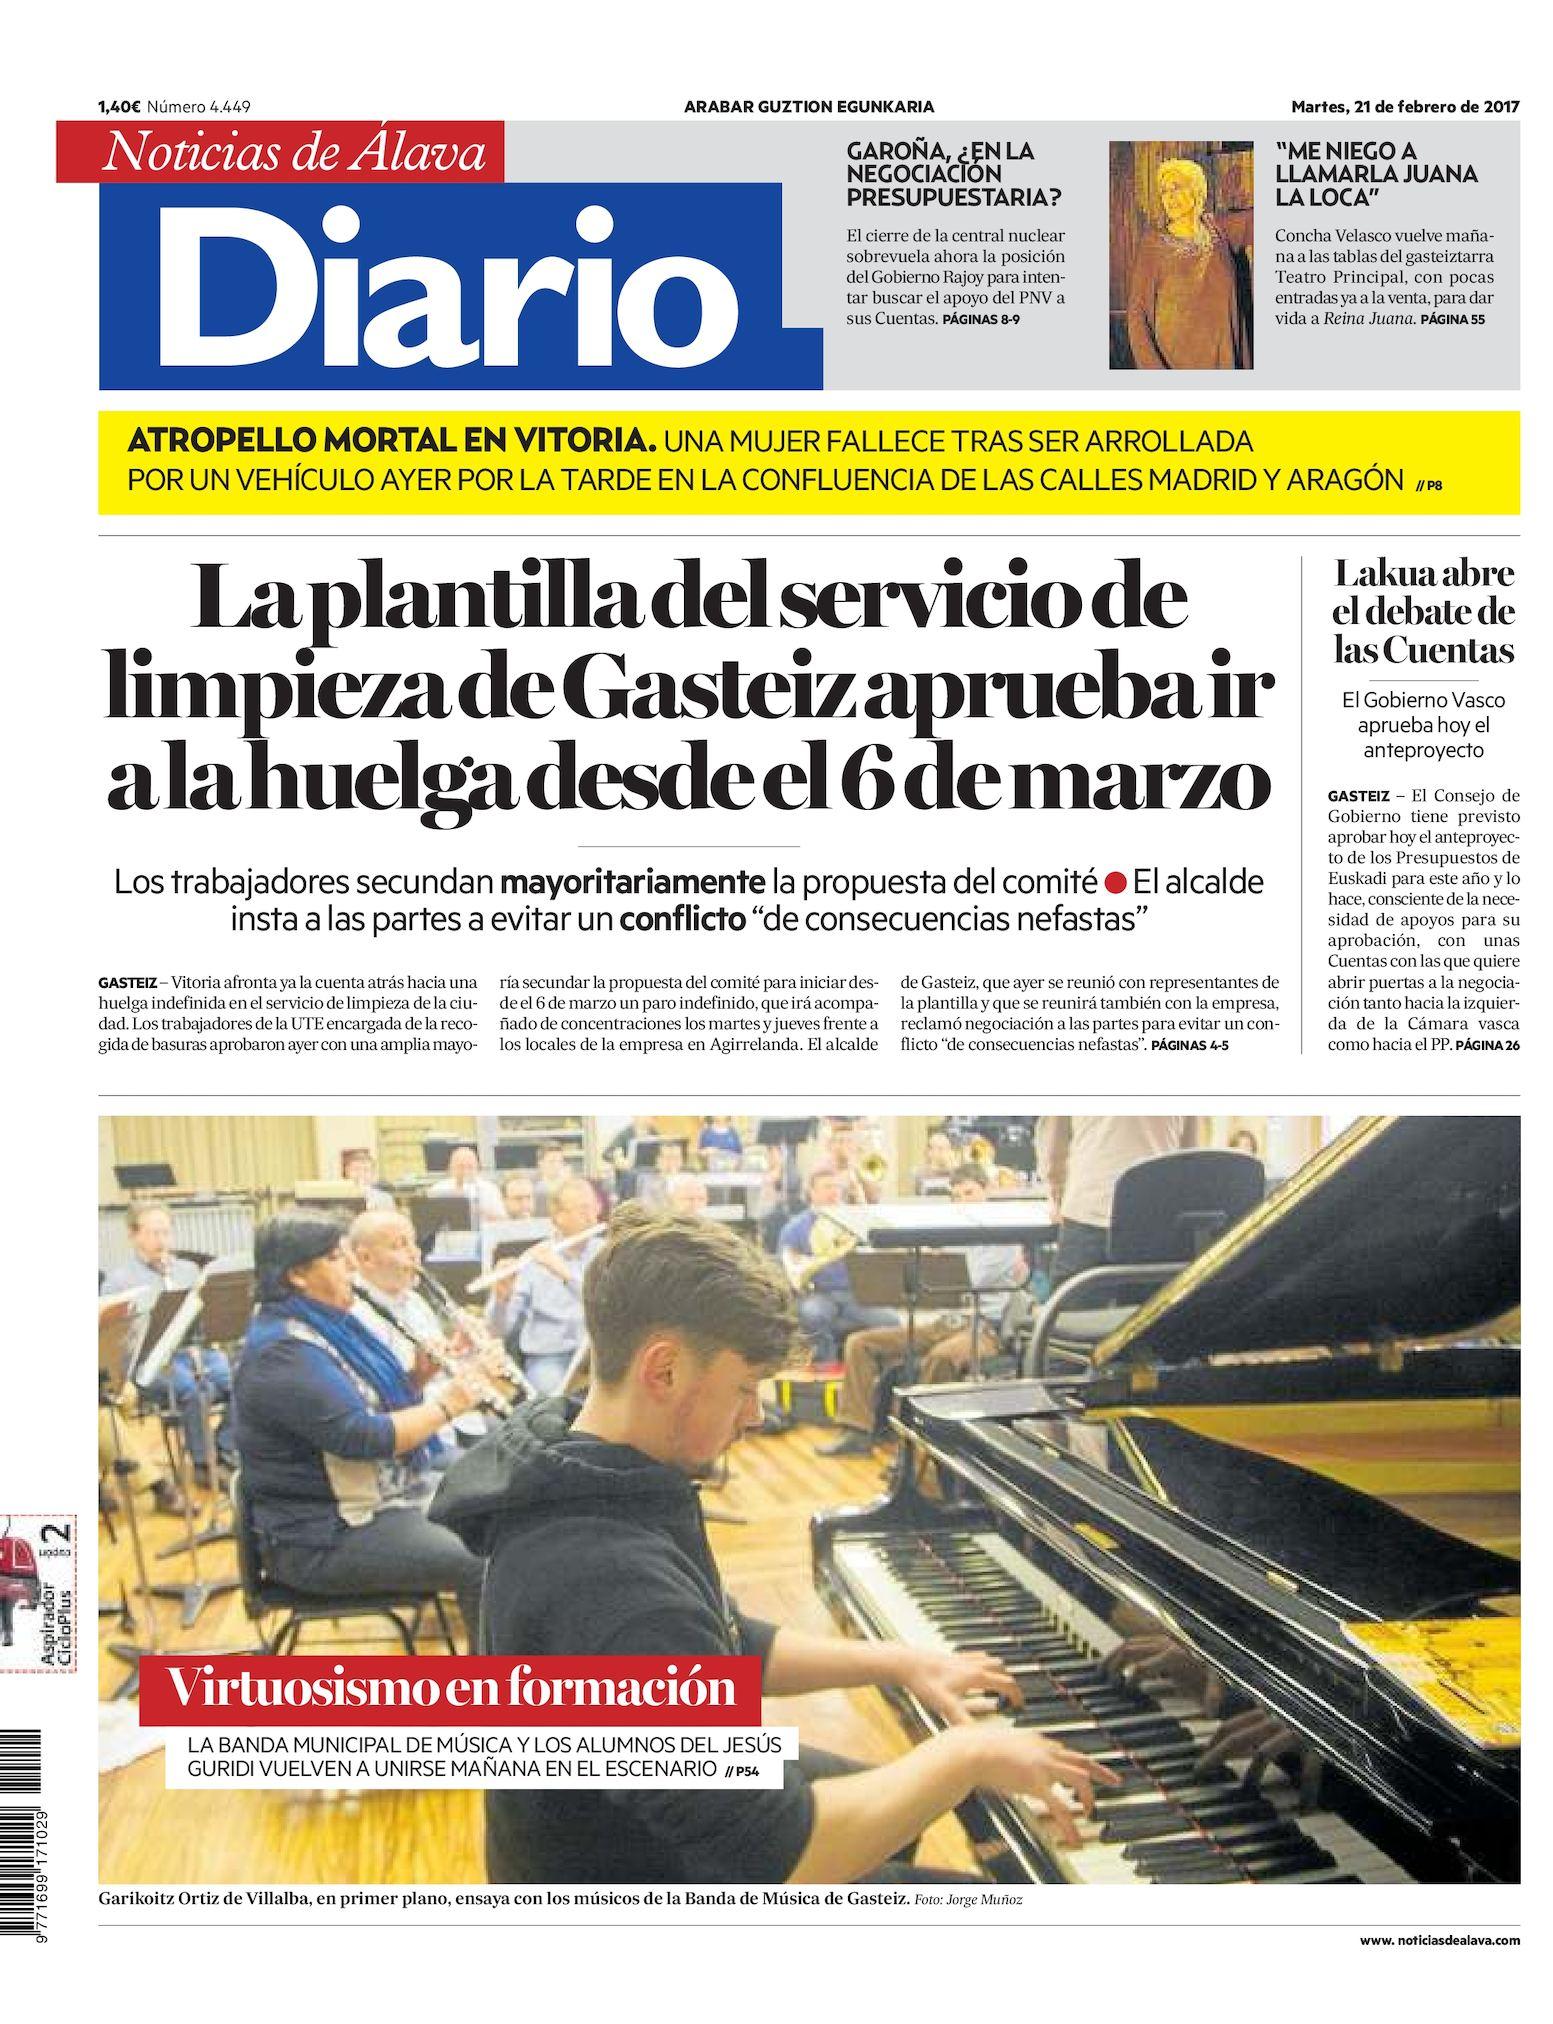 036ad399f Calaméo - Diario de Noticias de Álava 20170221